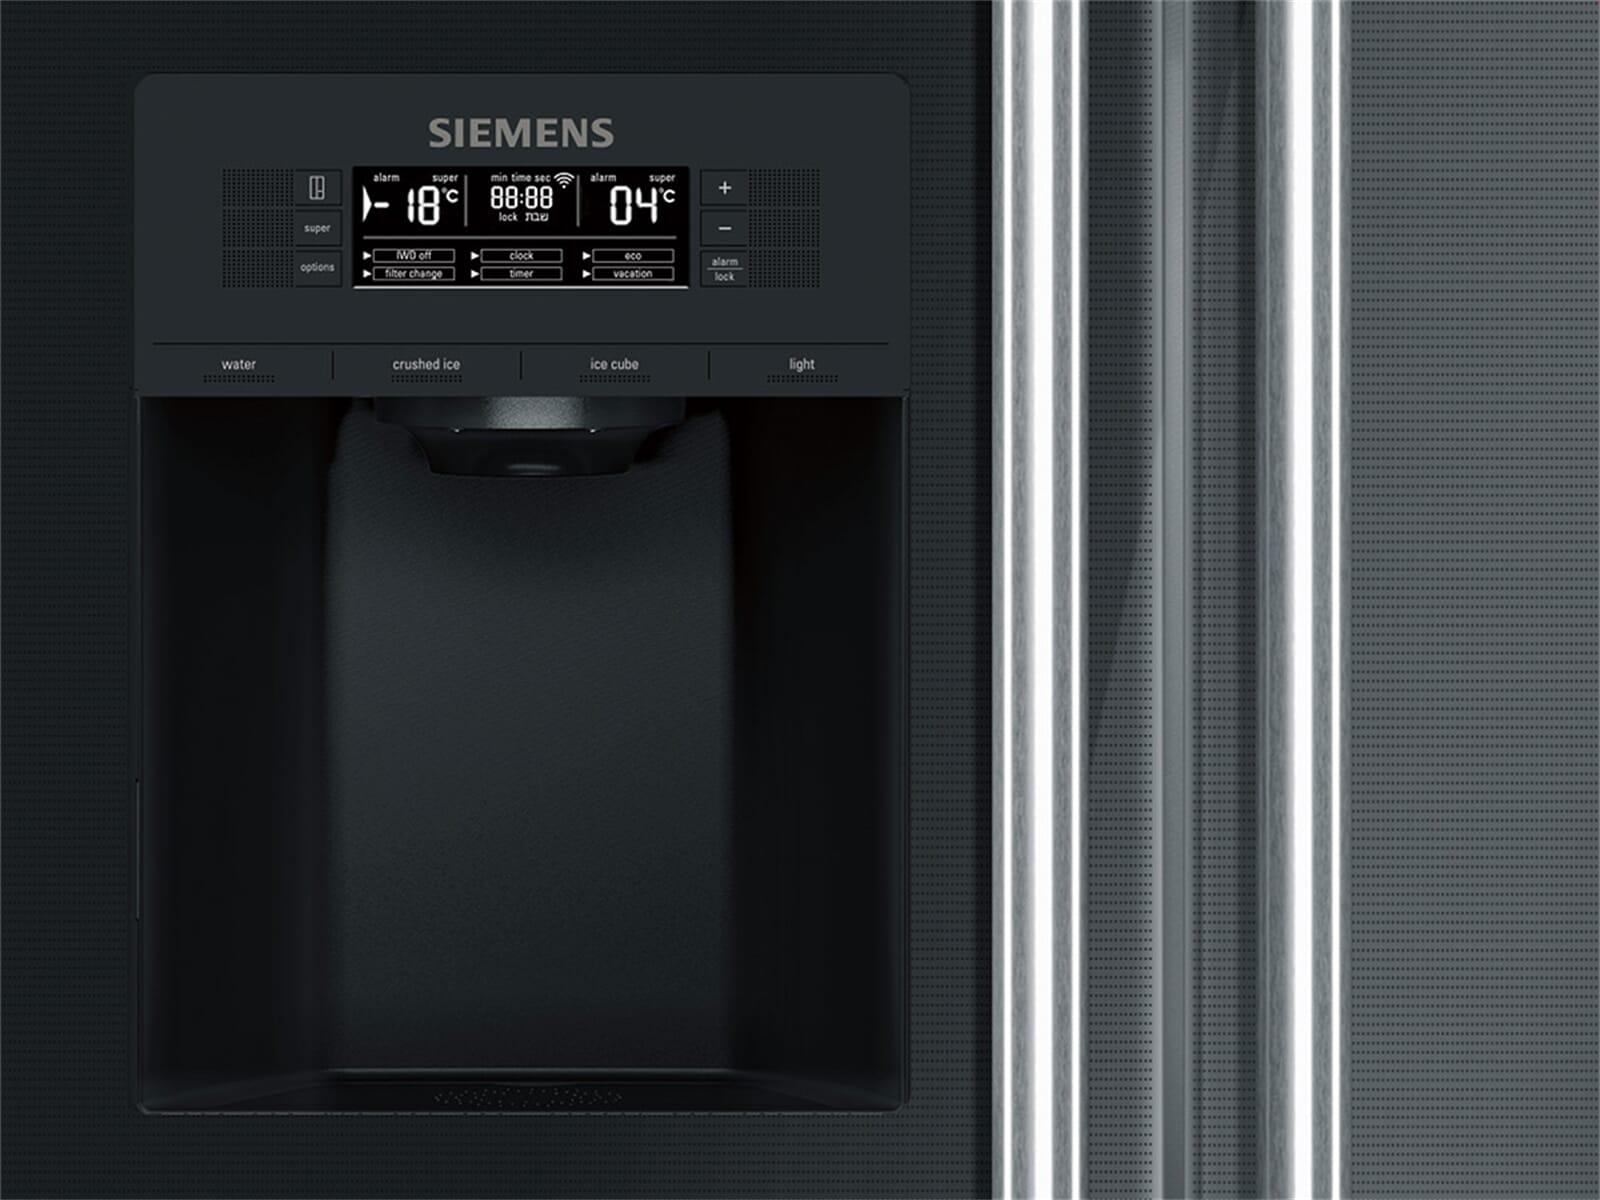 Mini Kühlschrank Mit Eiswürfelspender : Mini kühlschrank mit eiswürfelbereiter kühlschrank kaufen top